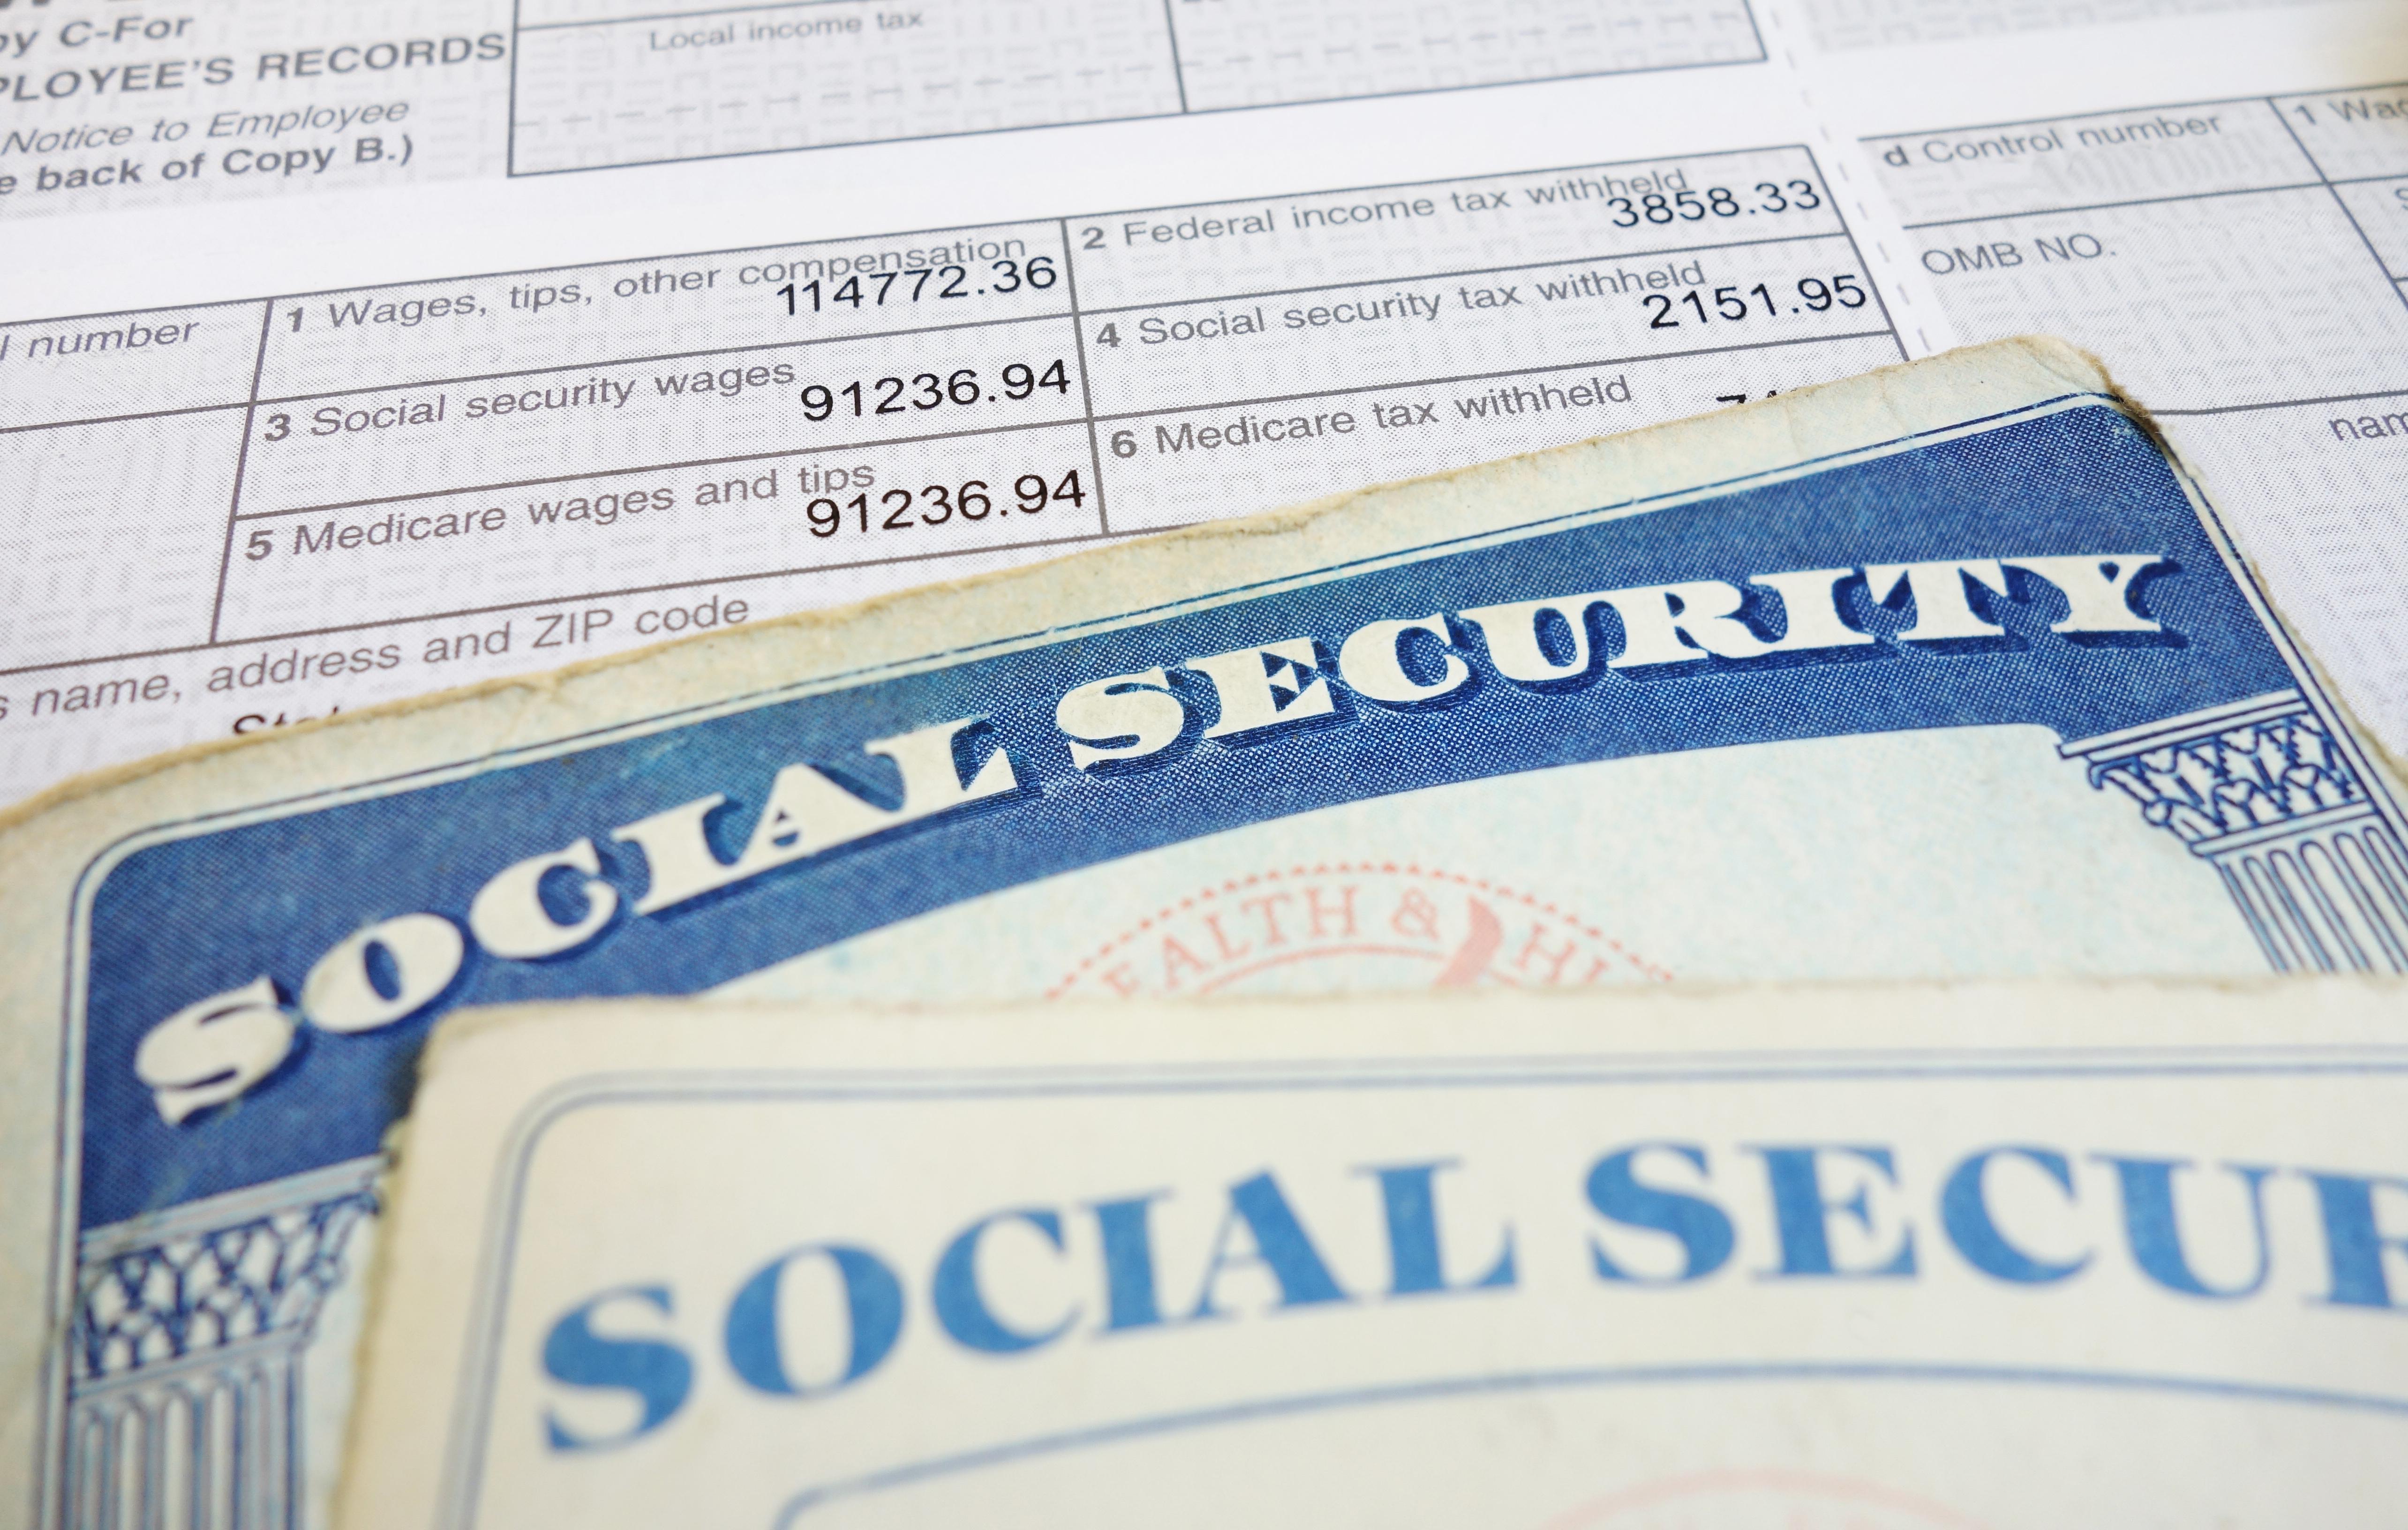 A Close Look at Joe Biden's Social Security Proposals